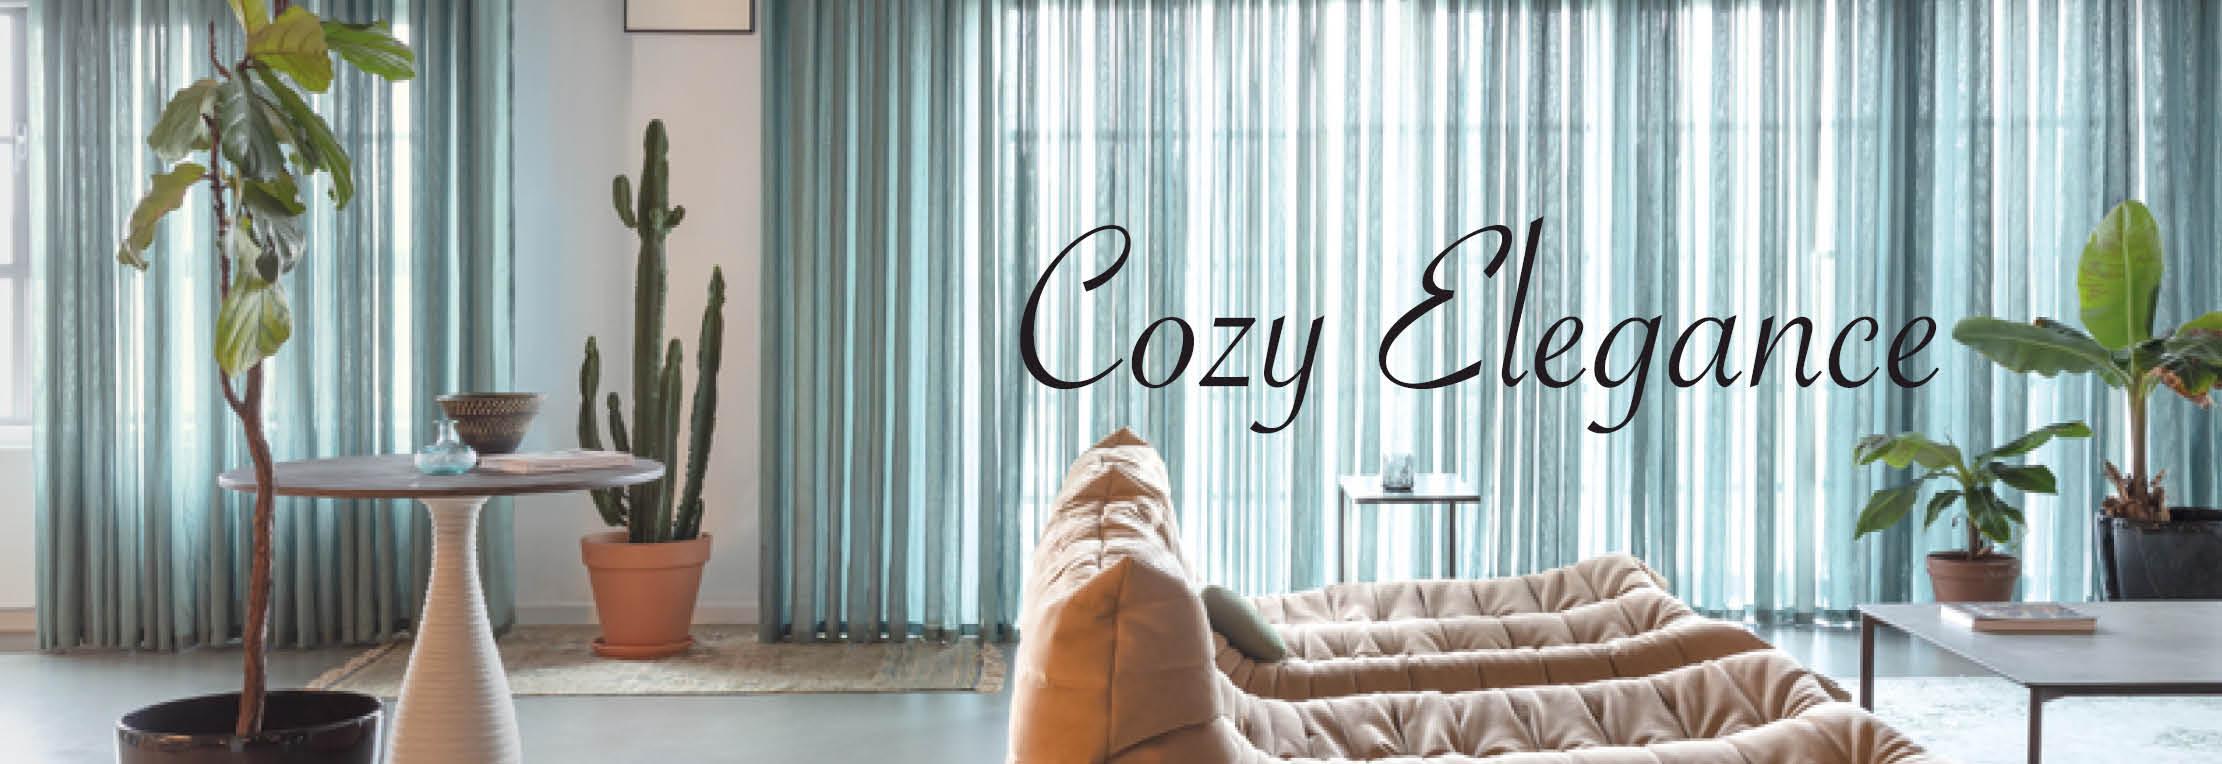 Full Size of Joop Gardinen Cozy Elegance Badezimmer Betten Für Küche Schlafzimmer Scheibengardinen Wohnzimmer Fenster Bad Die Wohnzimmer Joop Gardinen